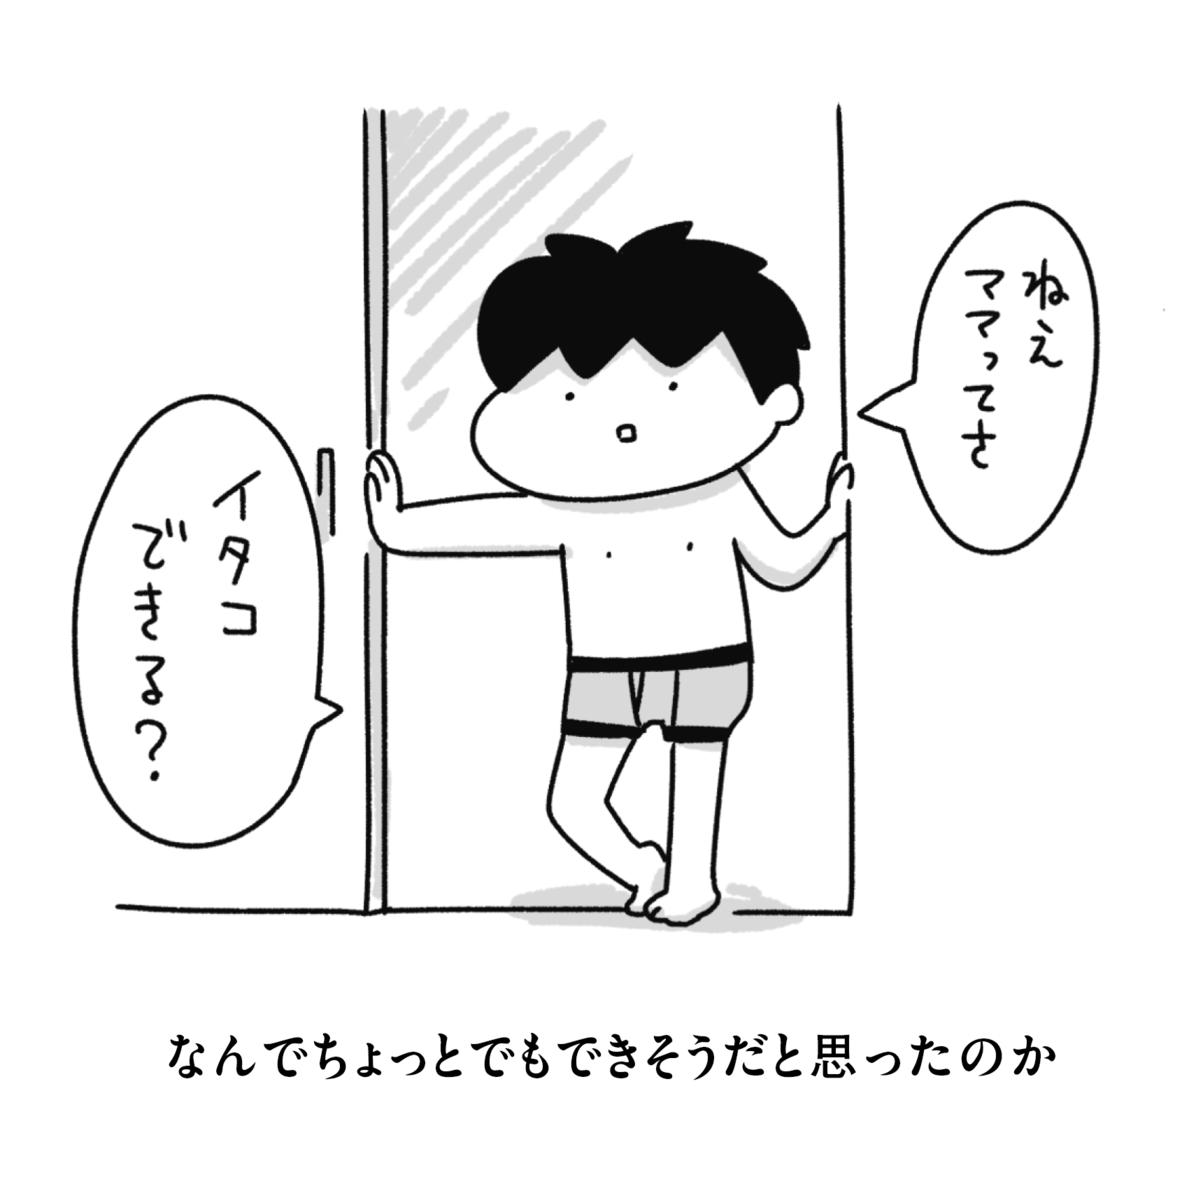 f:id:chokko_san:20210601080541p:plain